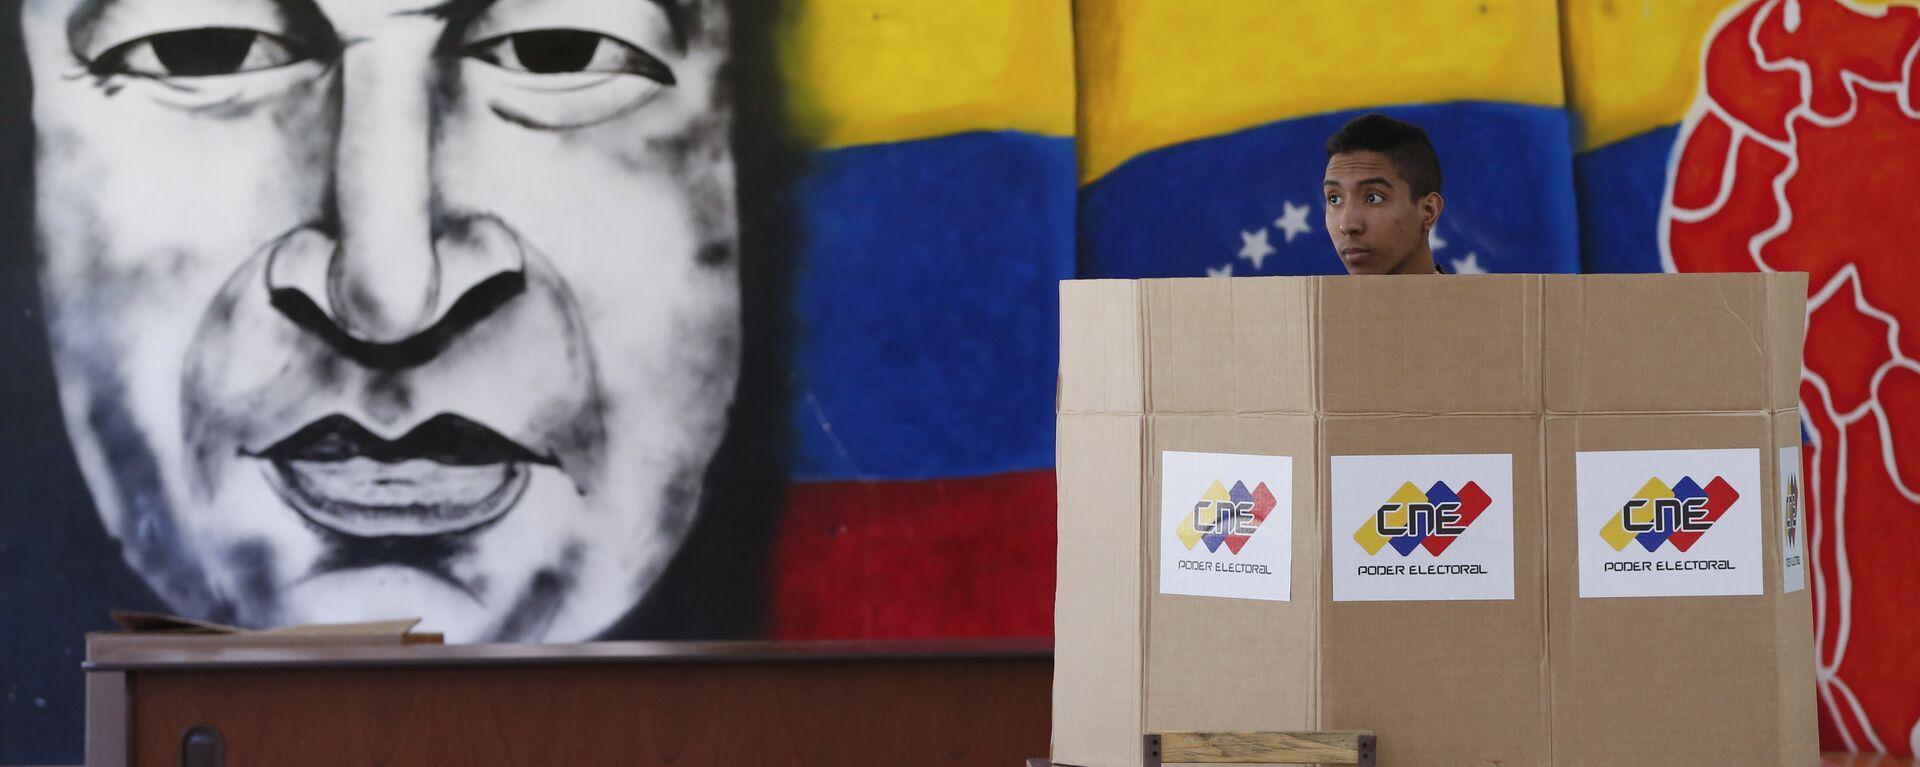 Elecciones en Venezuela - Sputnik Mundo, 1920, 14.07.2021